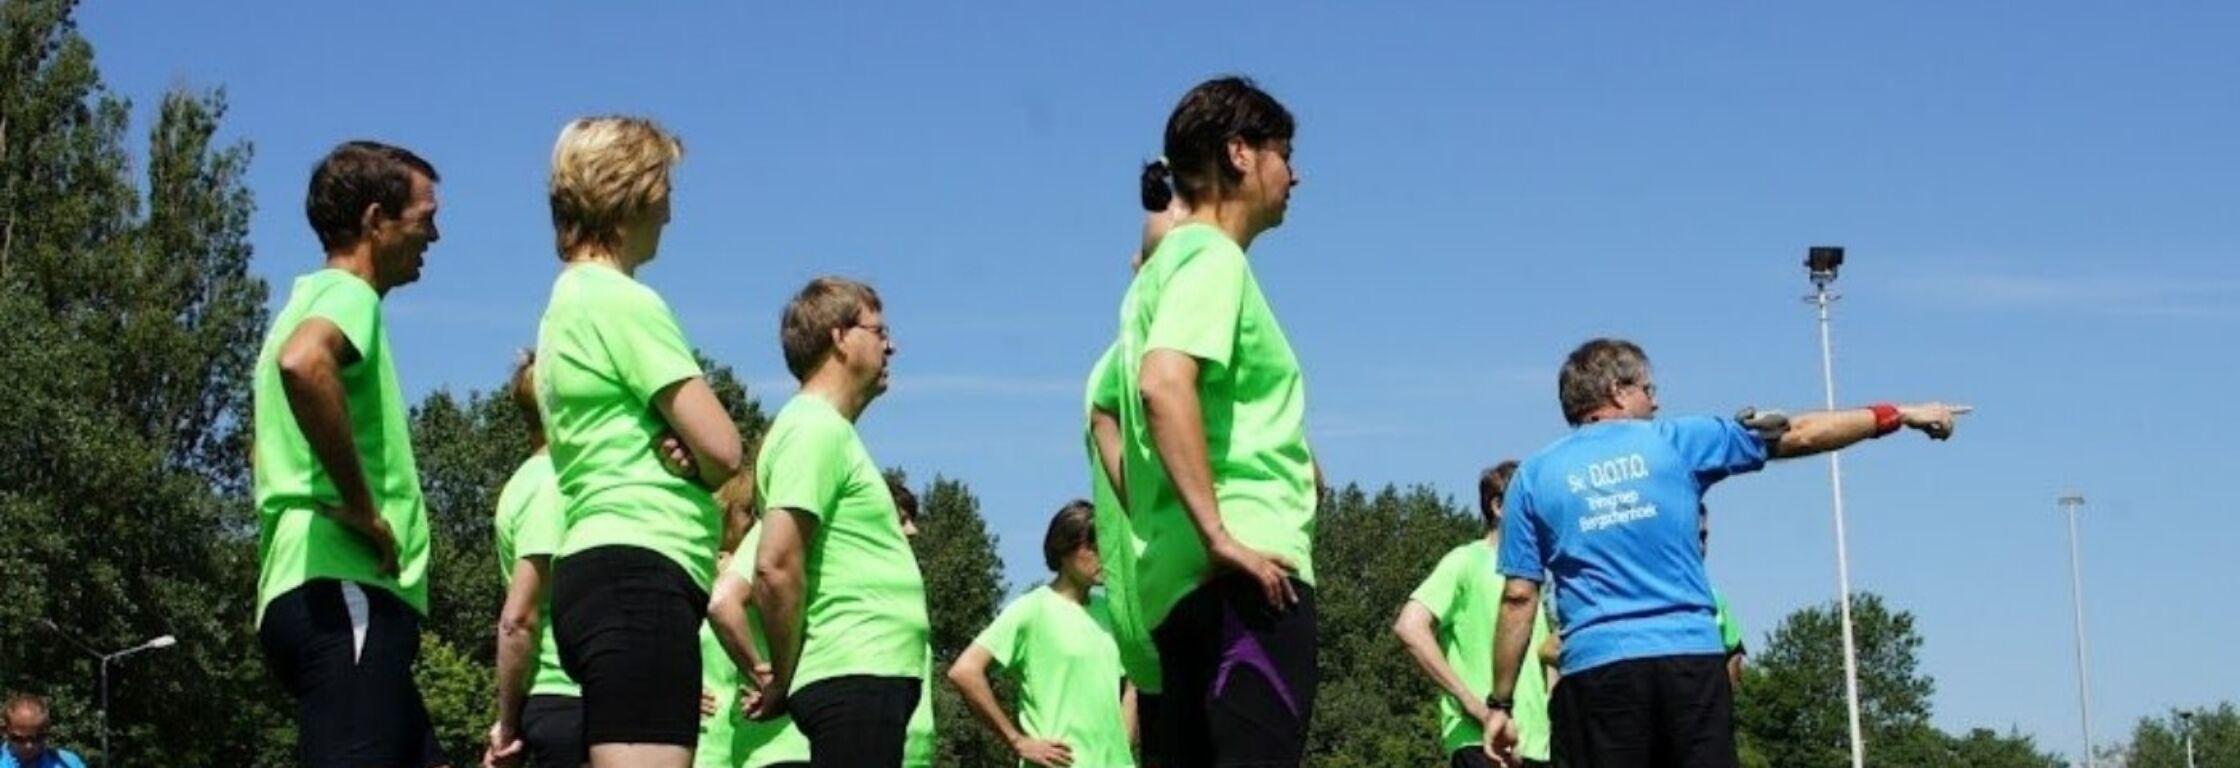 De club van Lex Koudstaal: Running2B